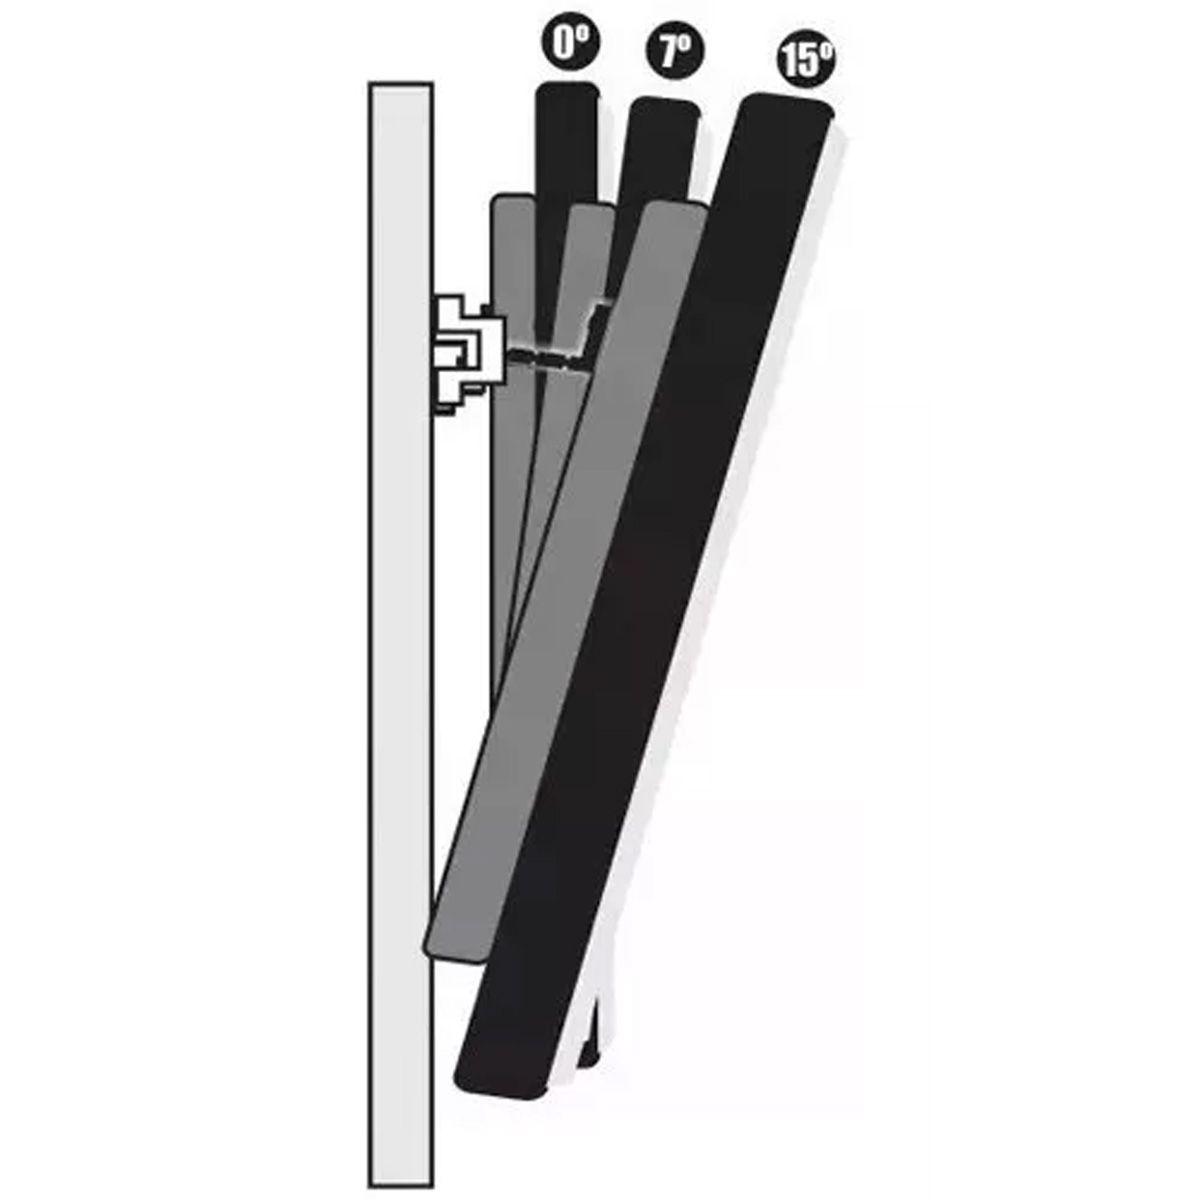 Suporte C/ Inclinação P/ Tv's De 14 Pol 70 Pol até 60 kg